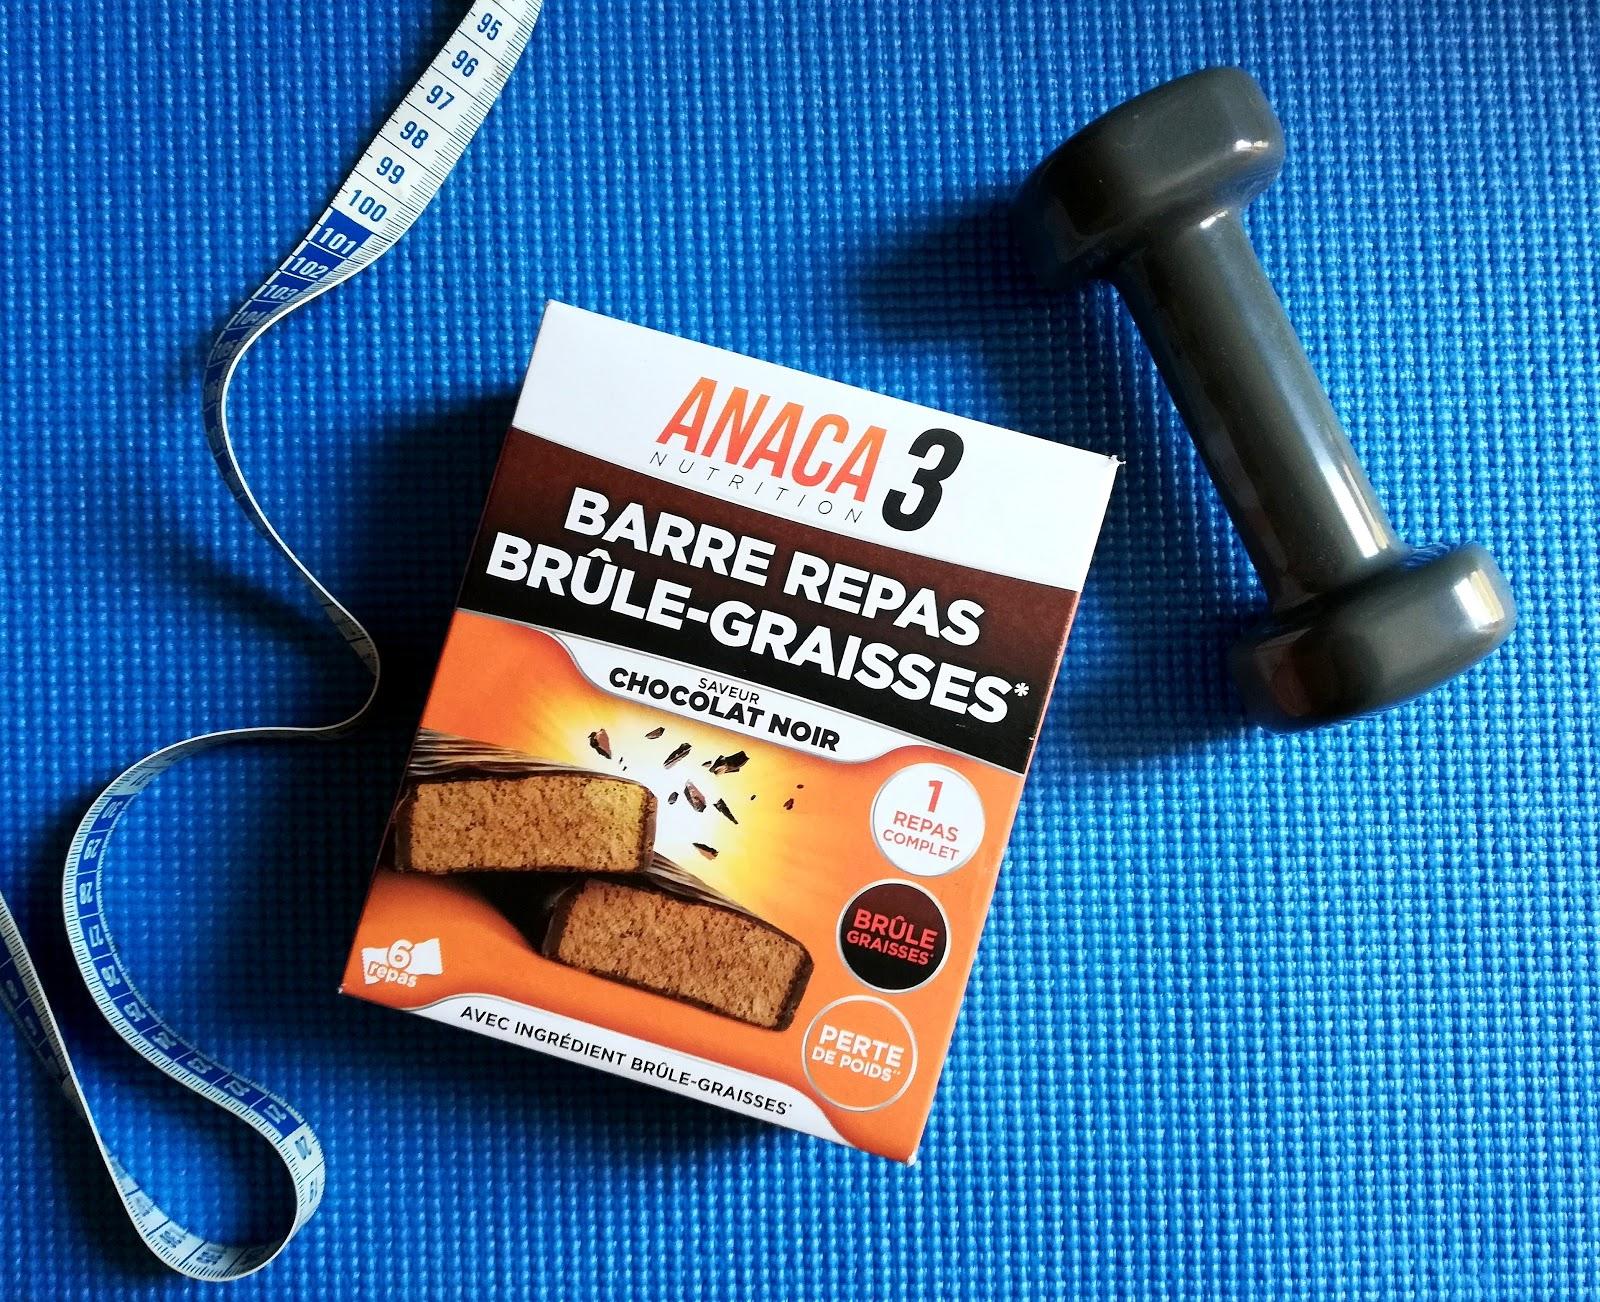 6 jours avec les barres repas brûle-graisses d'ANACA3 (code promo)